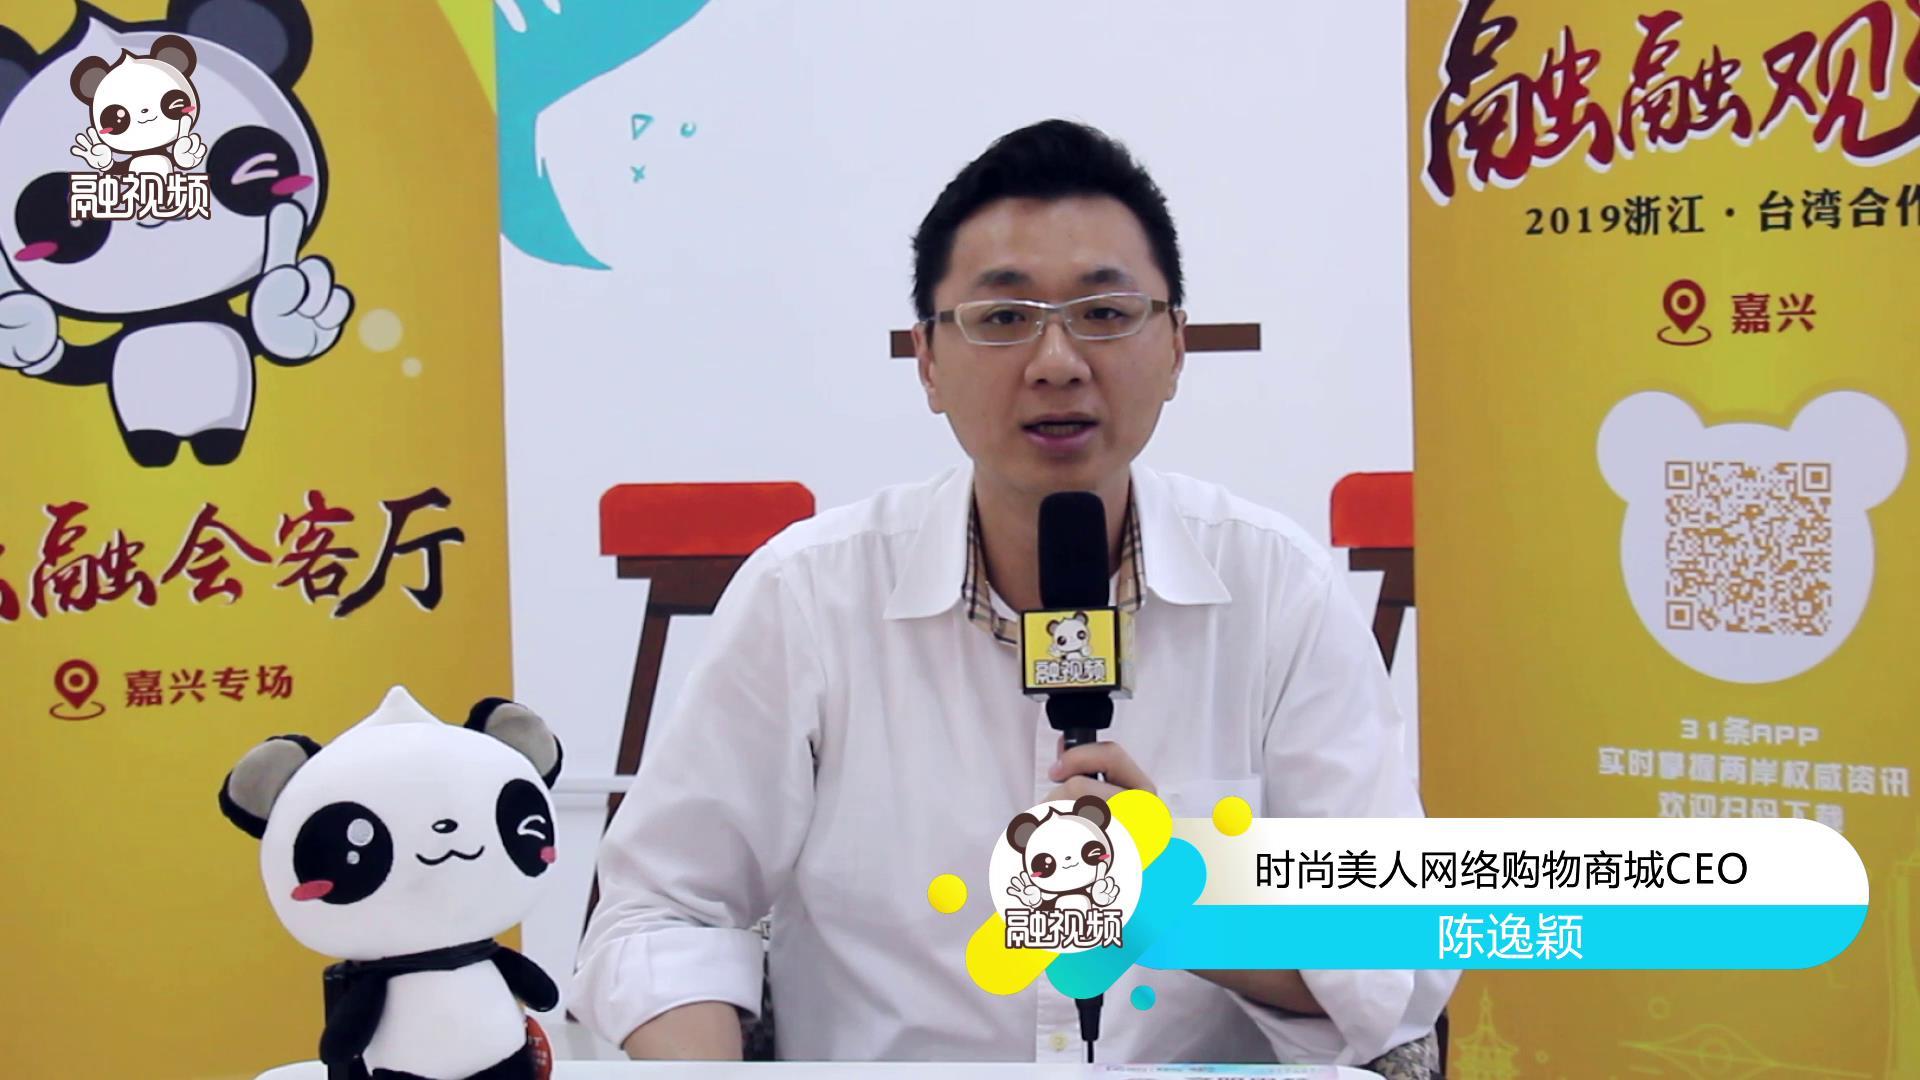 专访时尚美人网络购物商城CEO陈逸颖图片